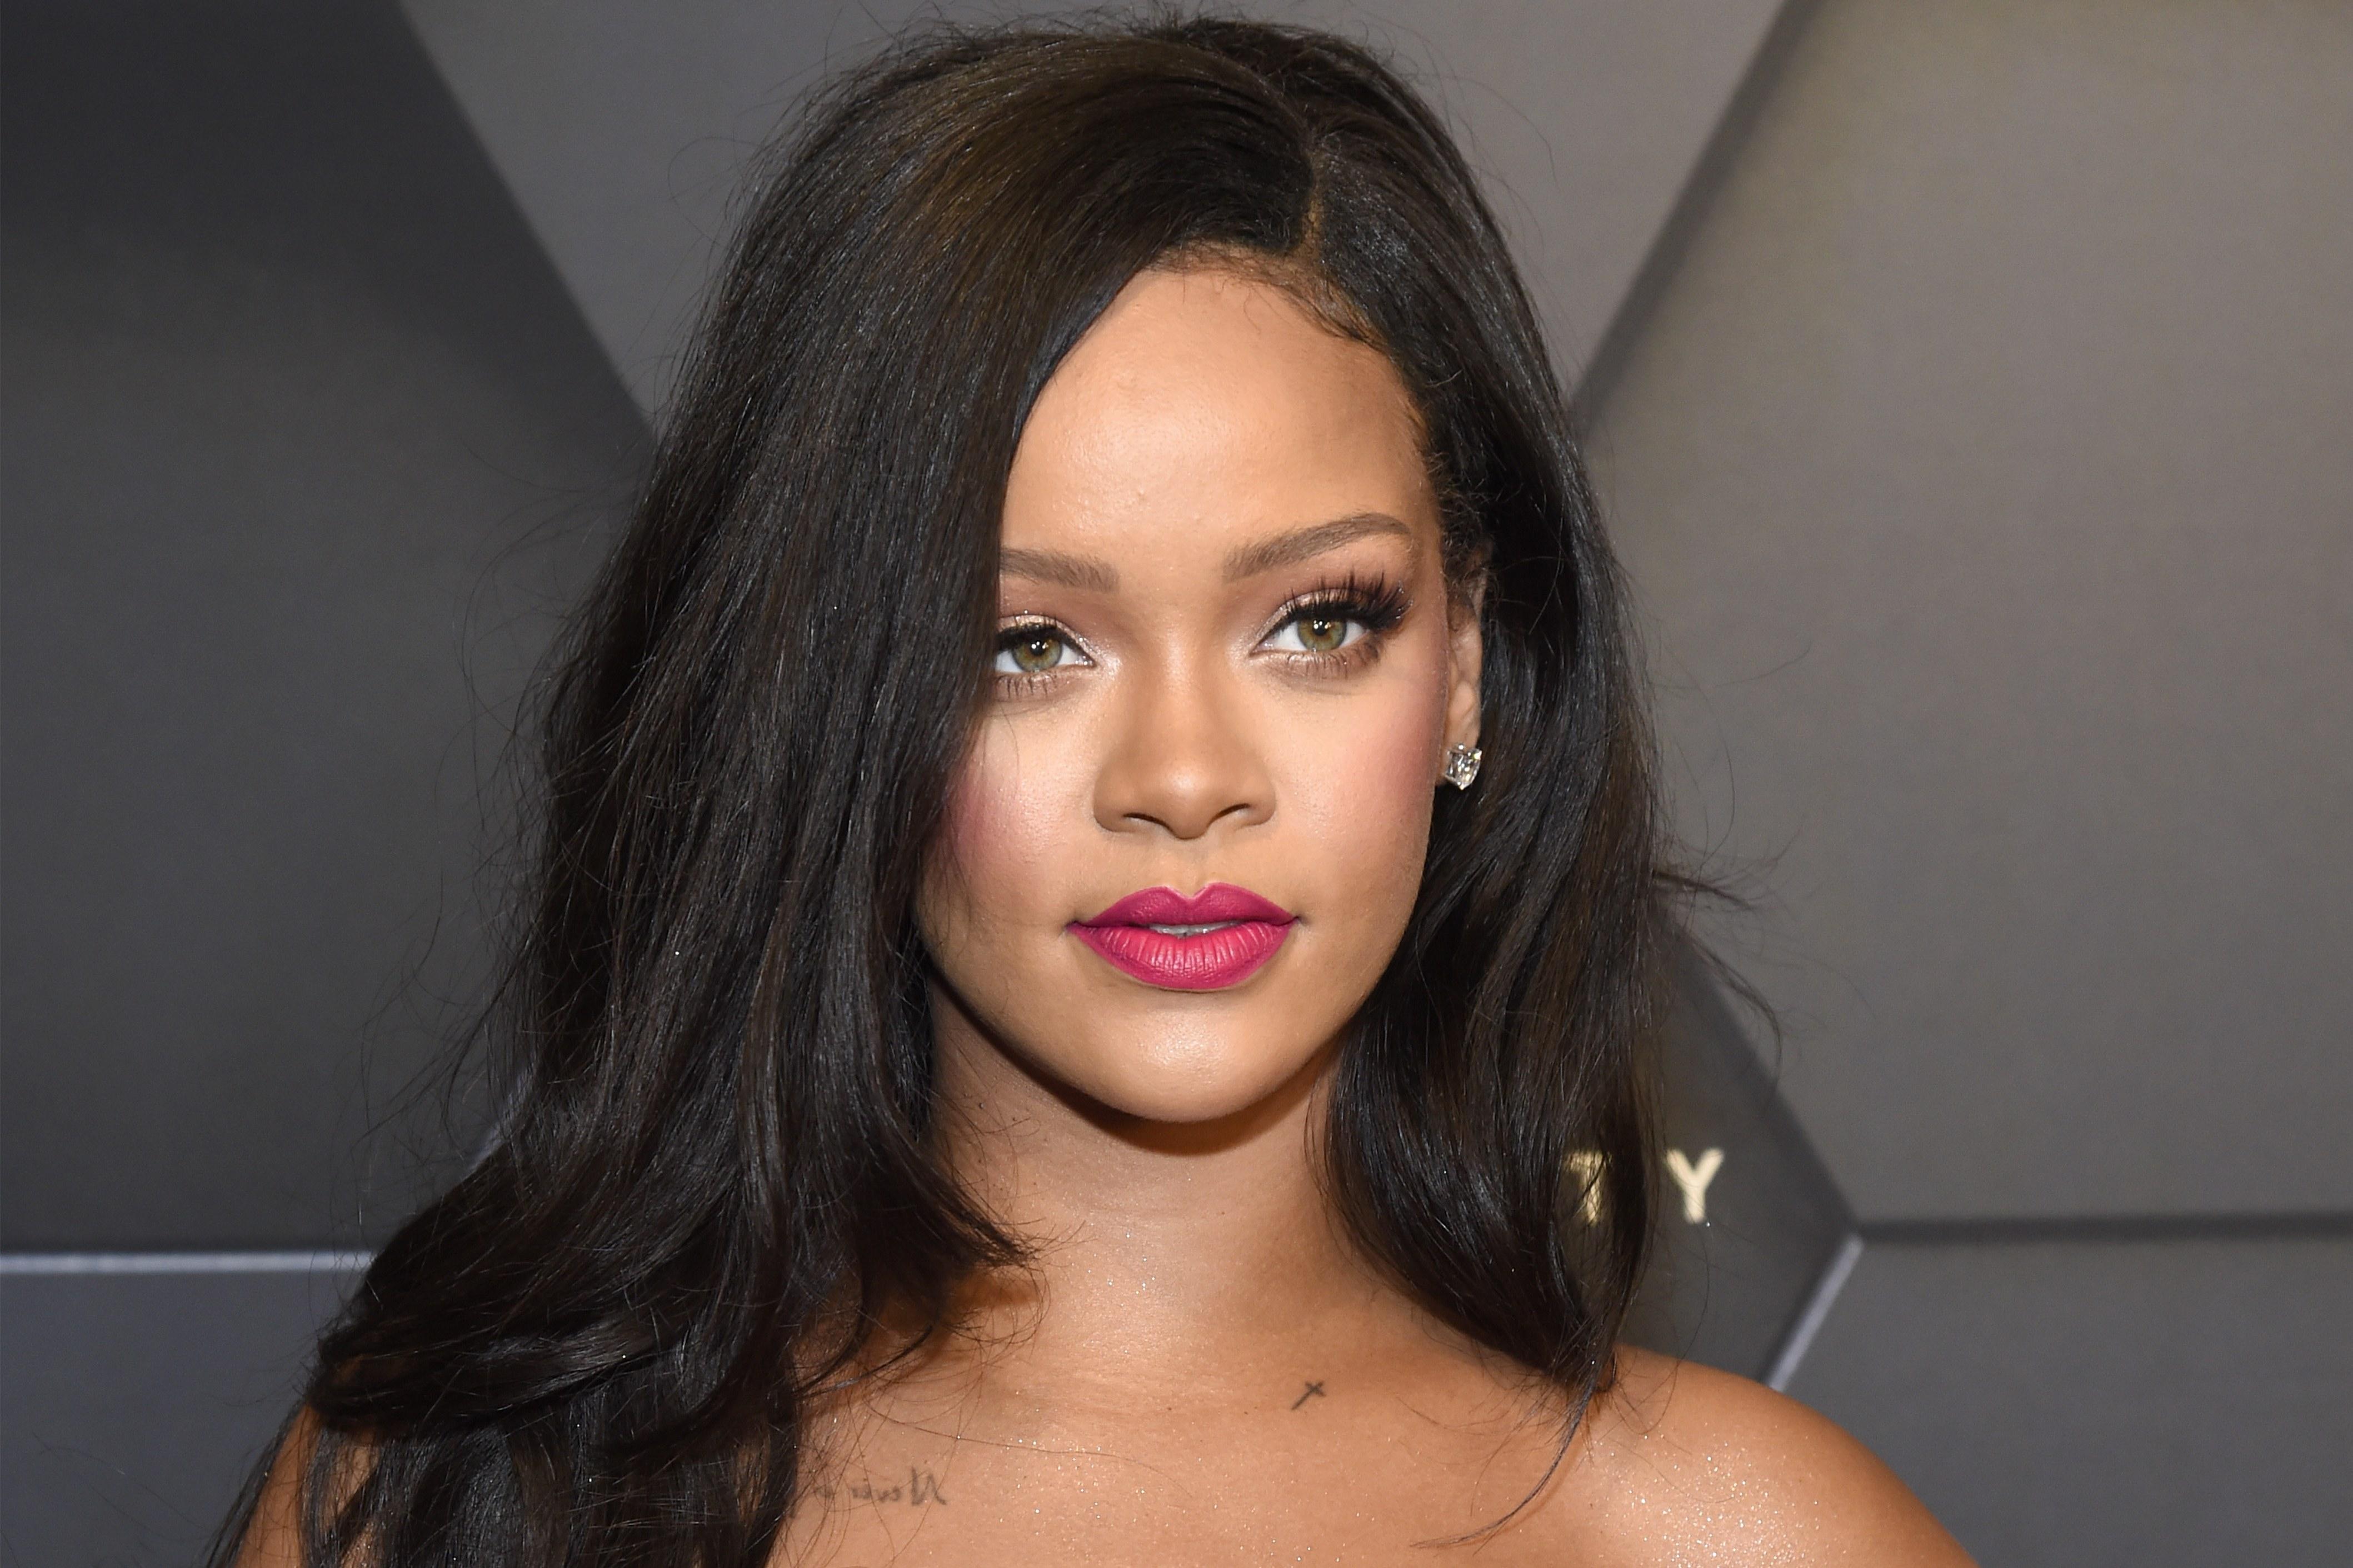 Rihanna: Fenty Beauty x Umbrella x Feminismo - Mix Poa